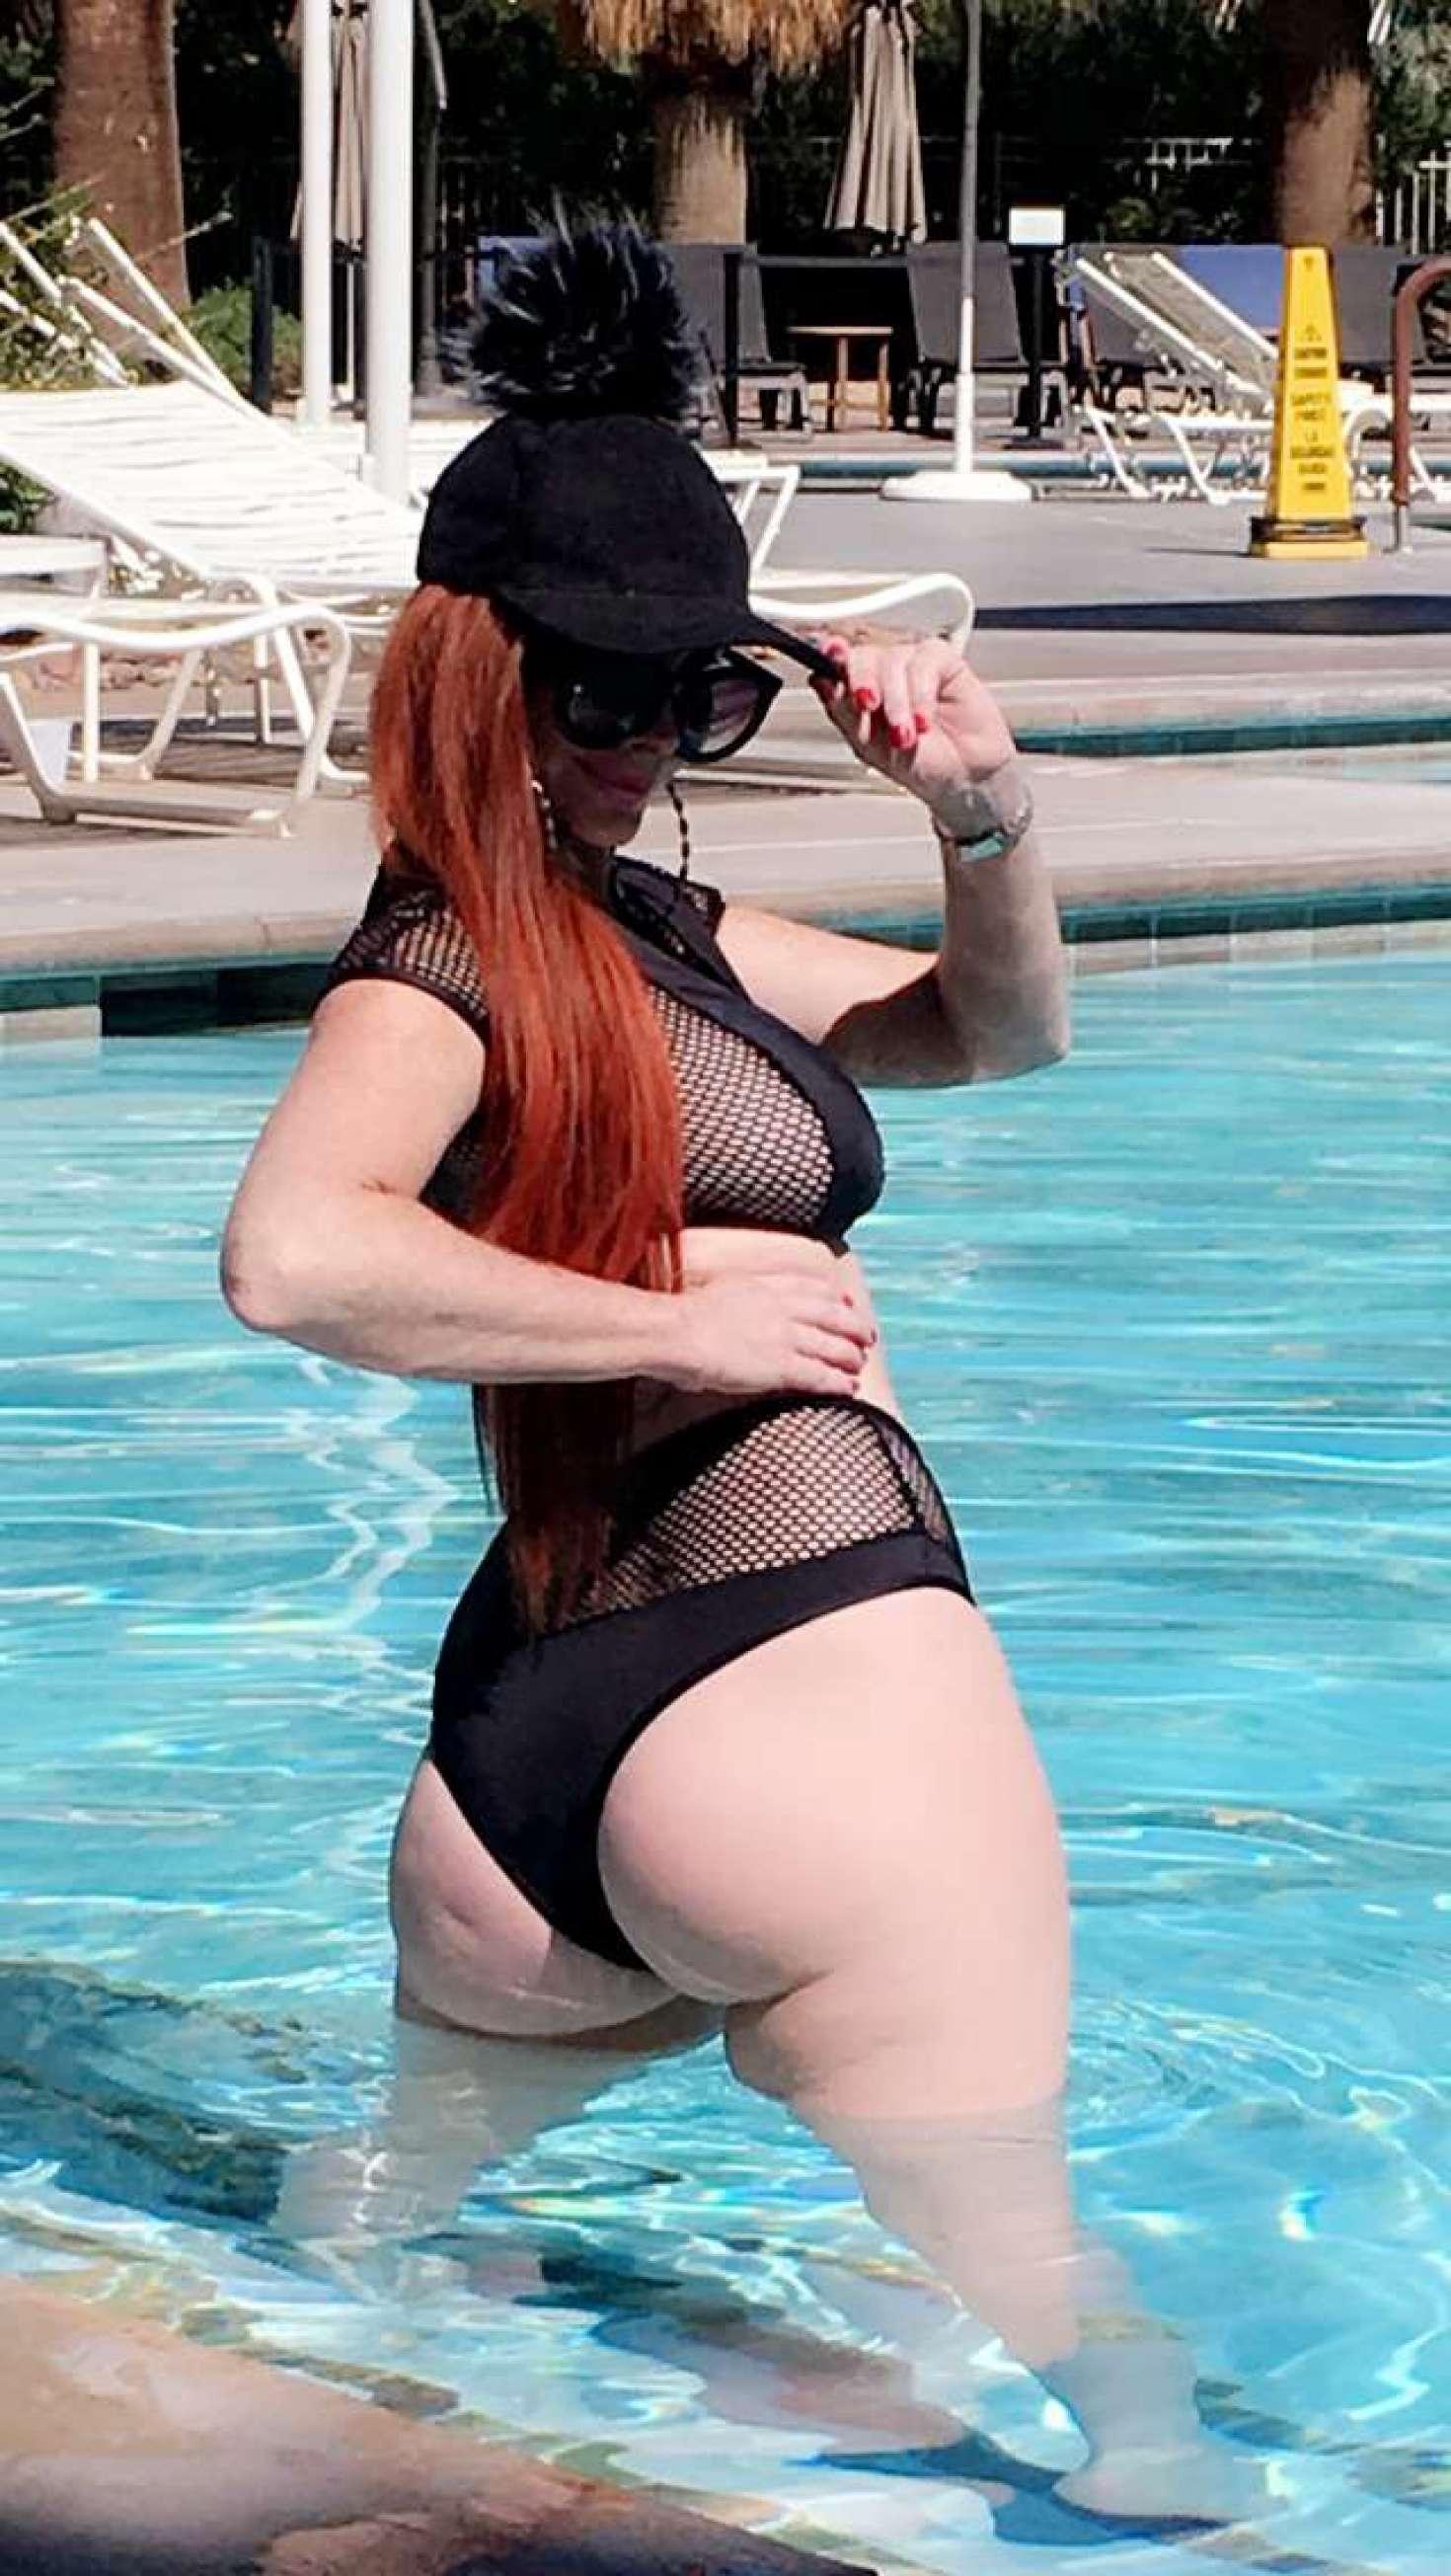 Sophia Vegas 2017 : Sophia Vegas and Phoebe Price: In Bikini poses at the pool in Palm Springs-14